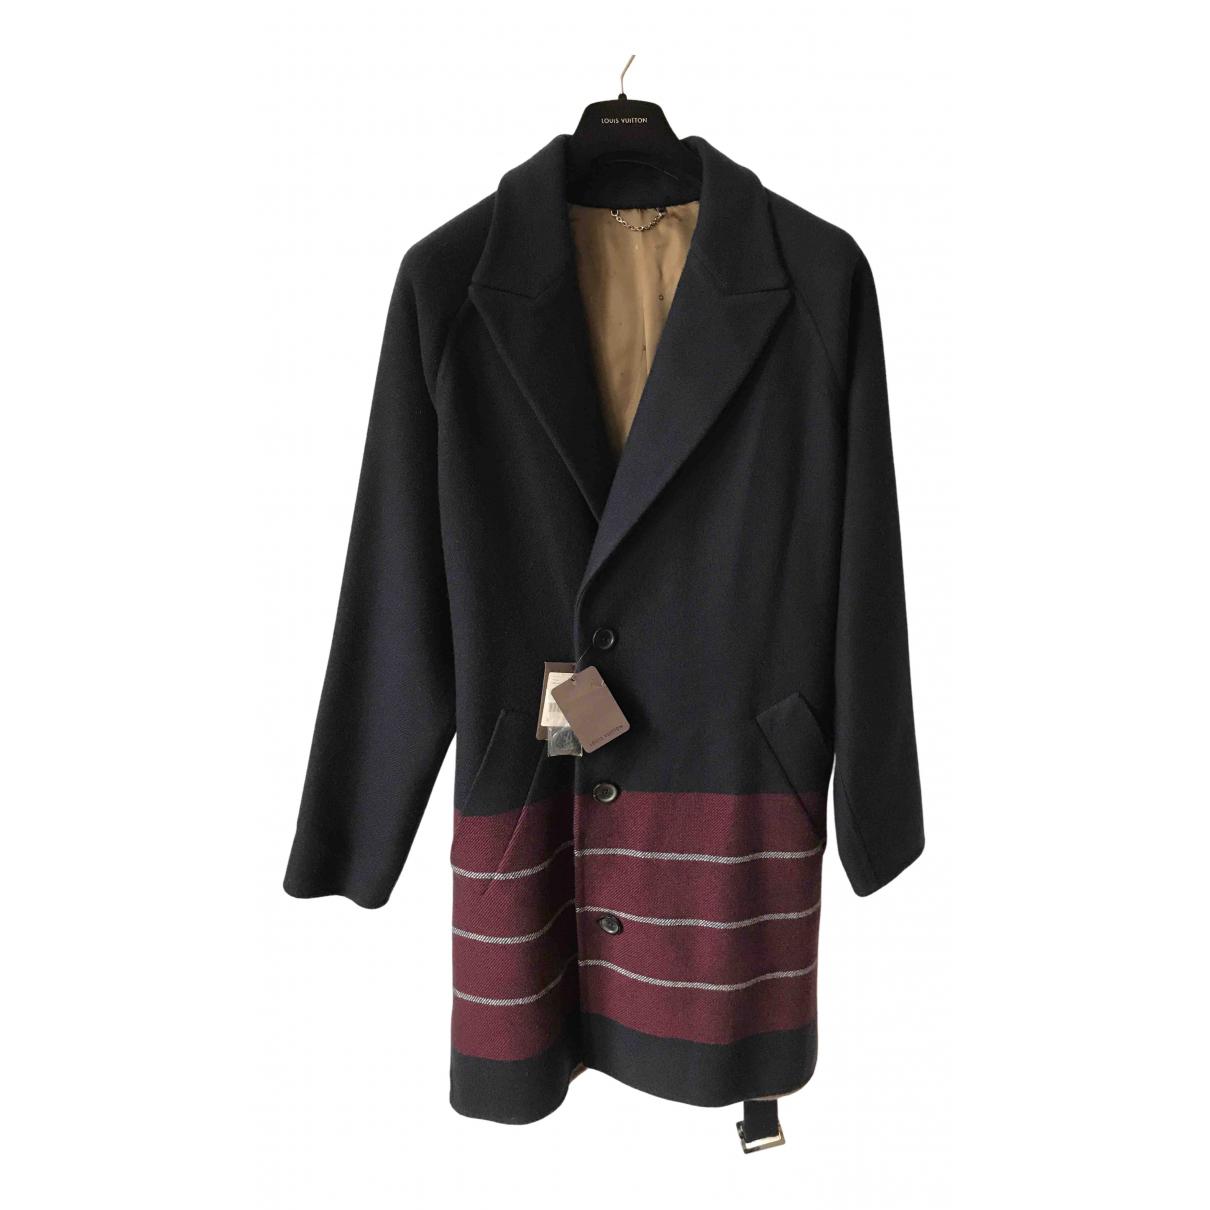 Louis Vuitton - Manteau   pour homme en cachemire - marine